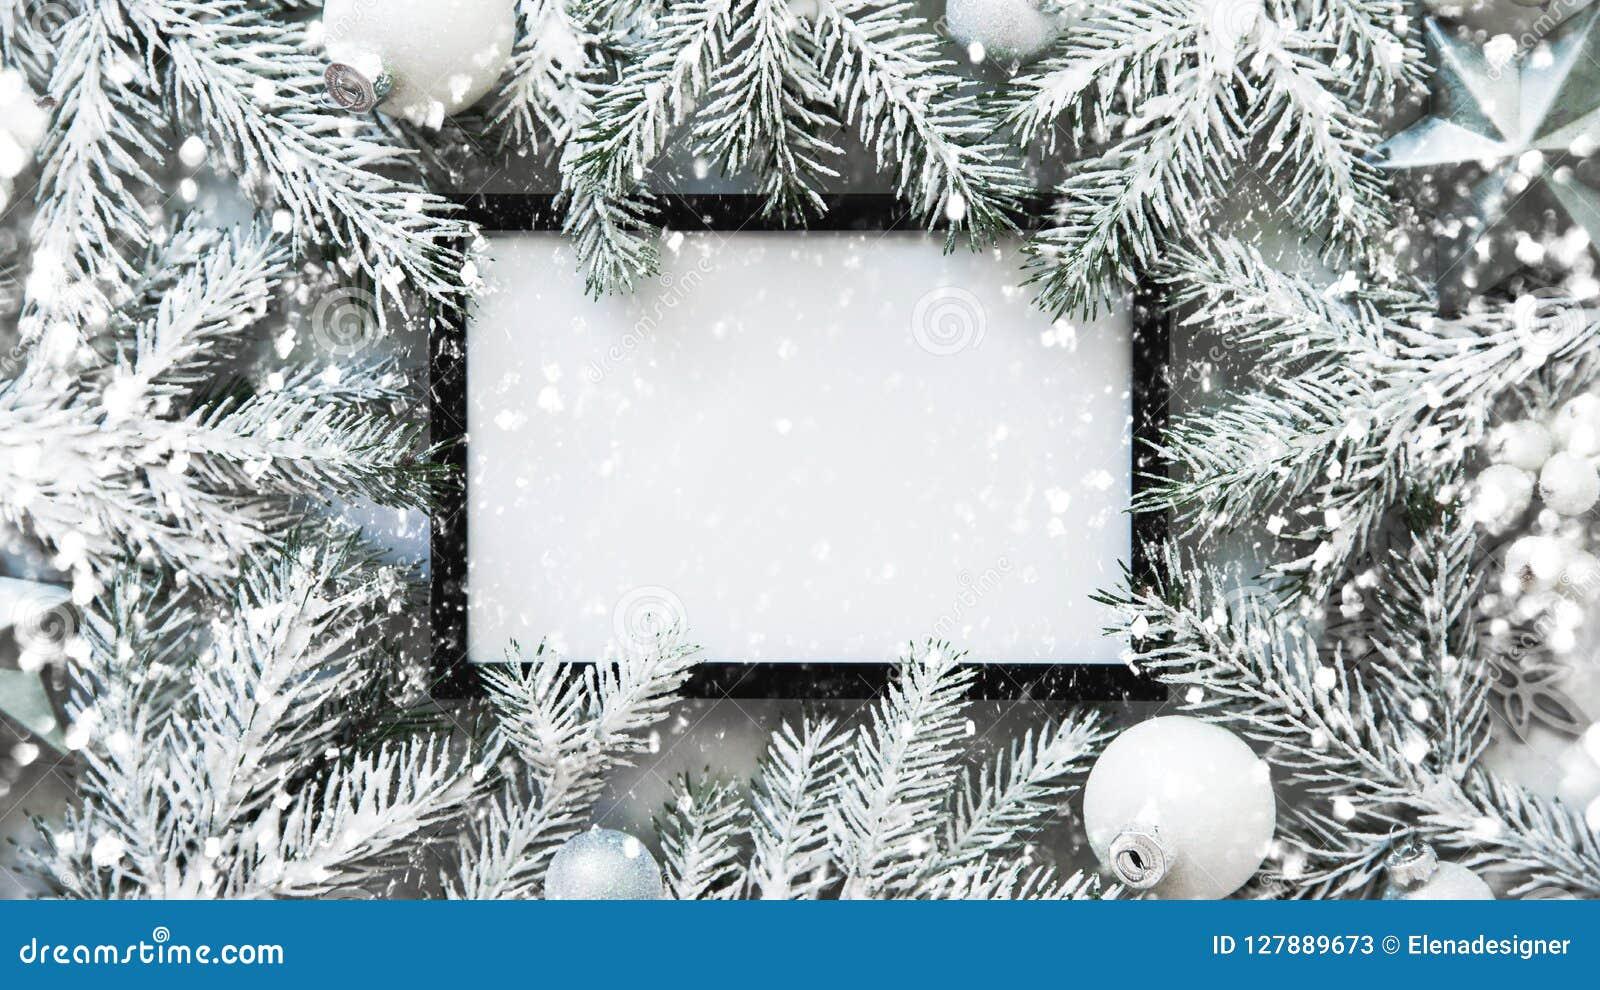 Weihnachtsrahmenhintergrund mit Weihnachtsbaum und Weihnachtsdekorationen Grußkarte der frohen Weihnachten, Fahne Winterurlaubthe